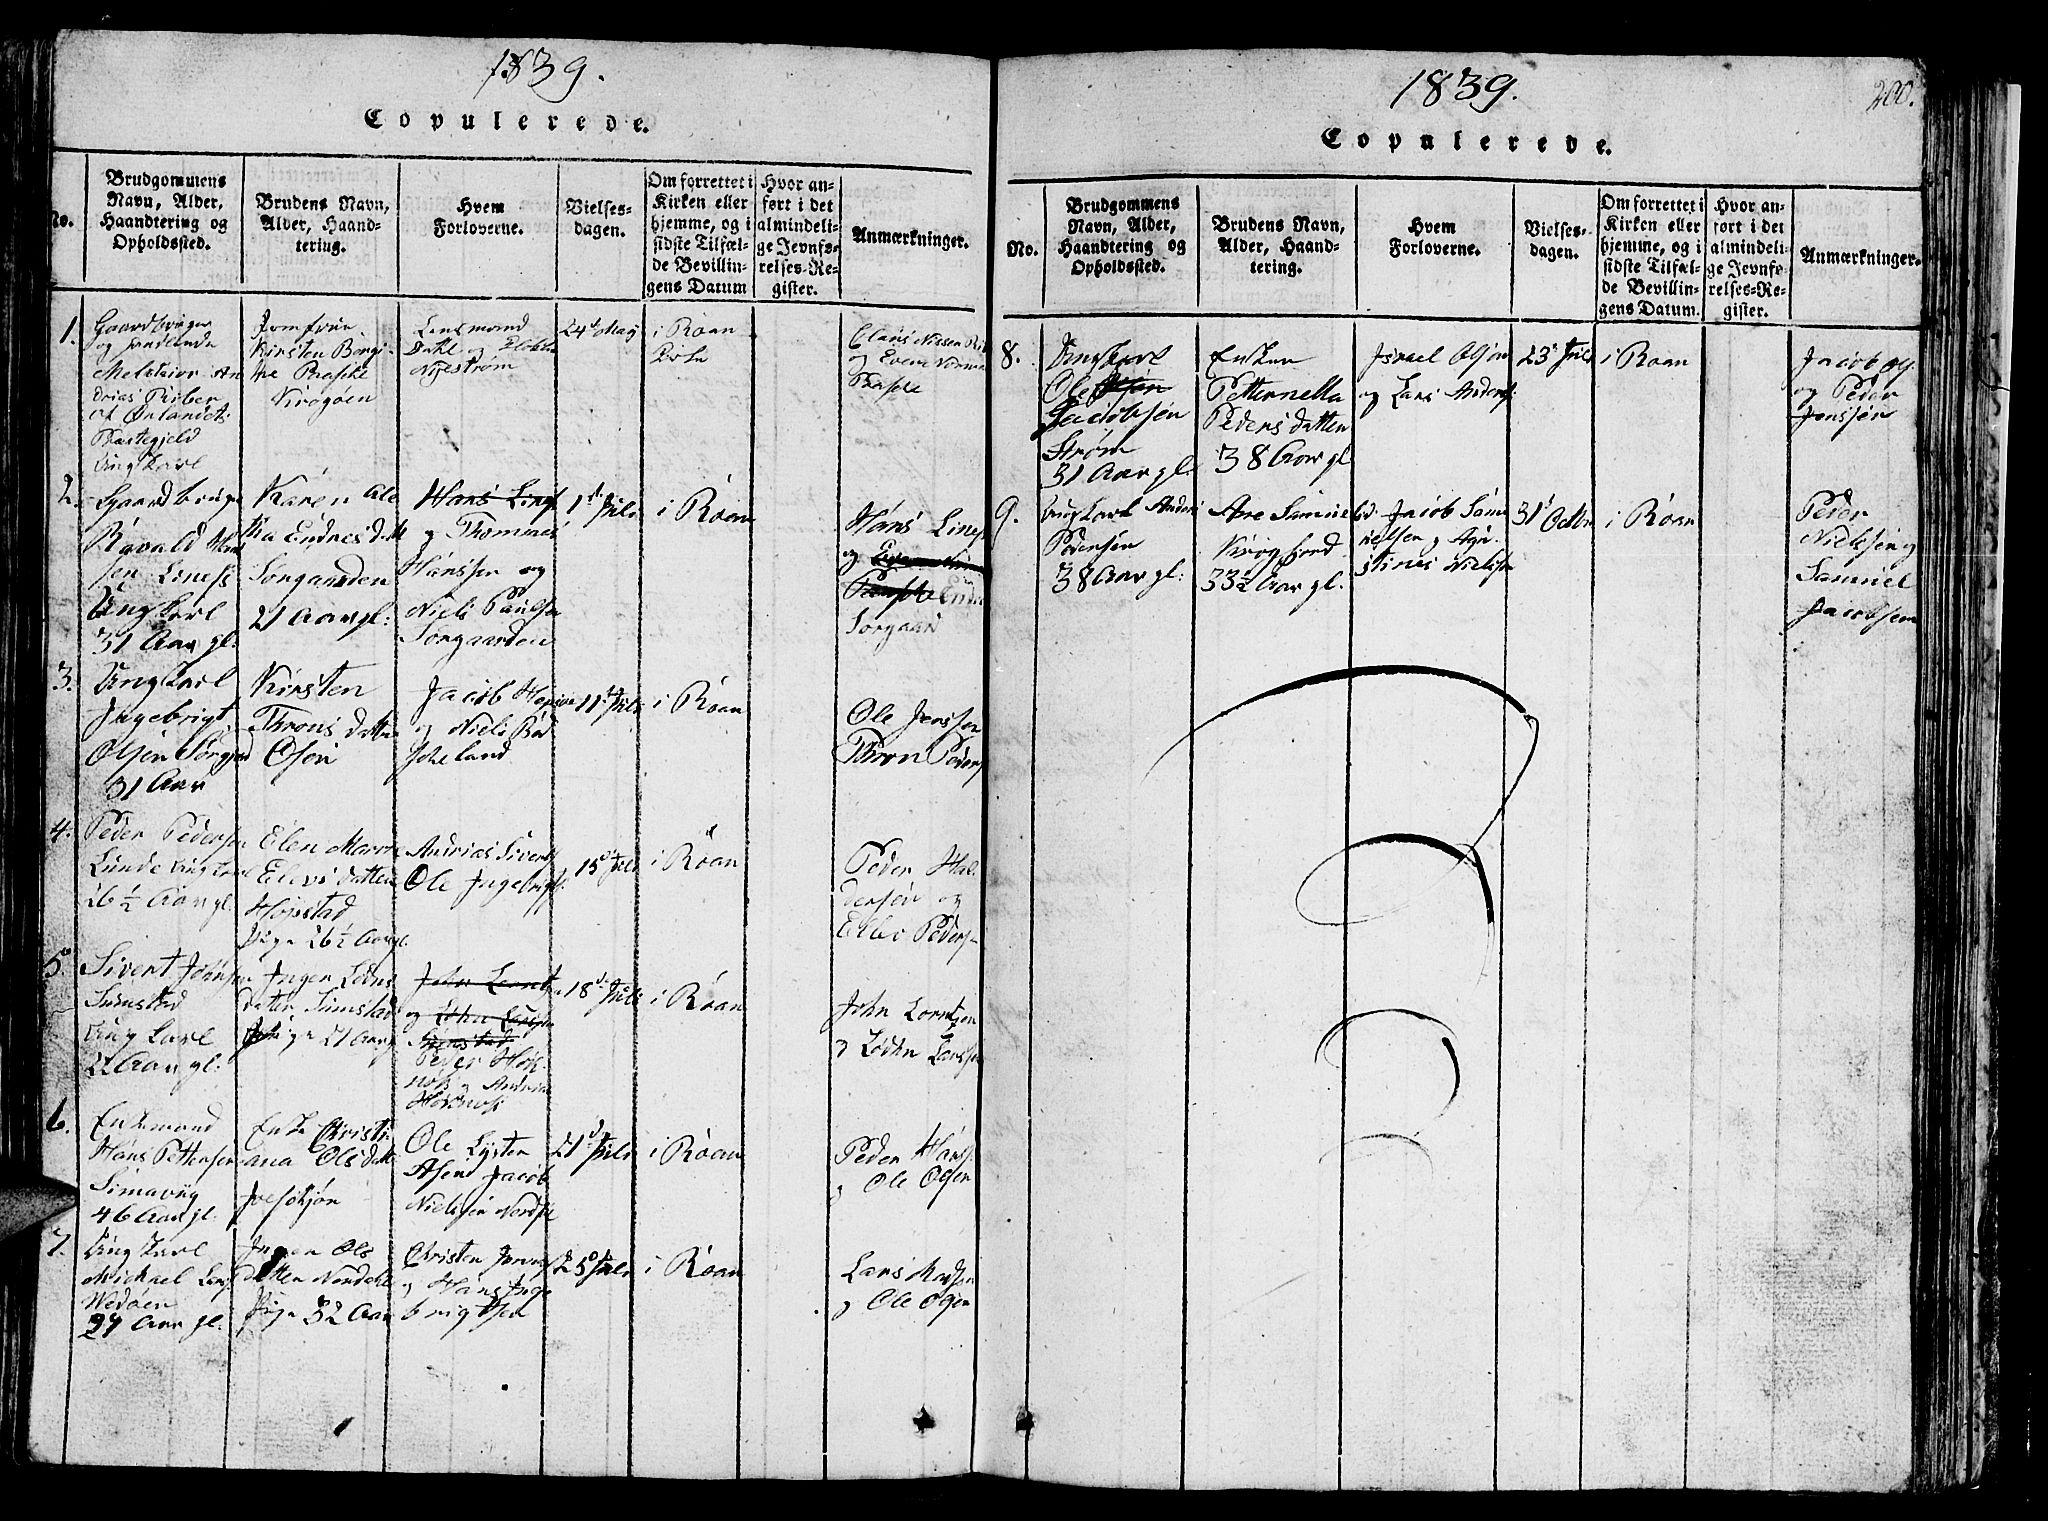 SAT, Ministerialprotokoller, klokkerbøker og fødselsregistre - Sør-Trøndelag, 657/L0714: Klokkerbok nr. 657C01, 1818-1868, s. 200